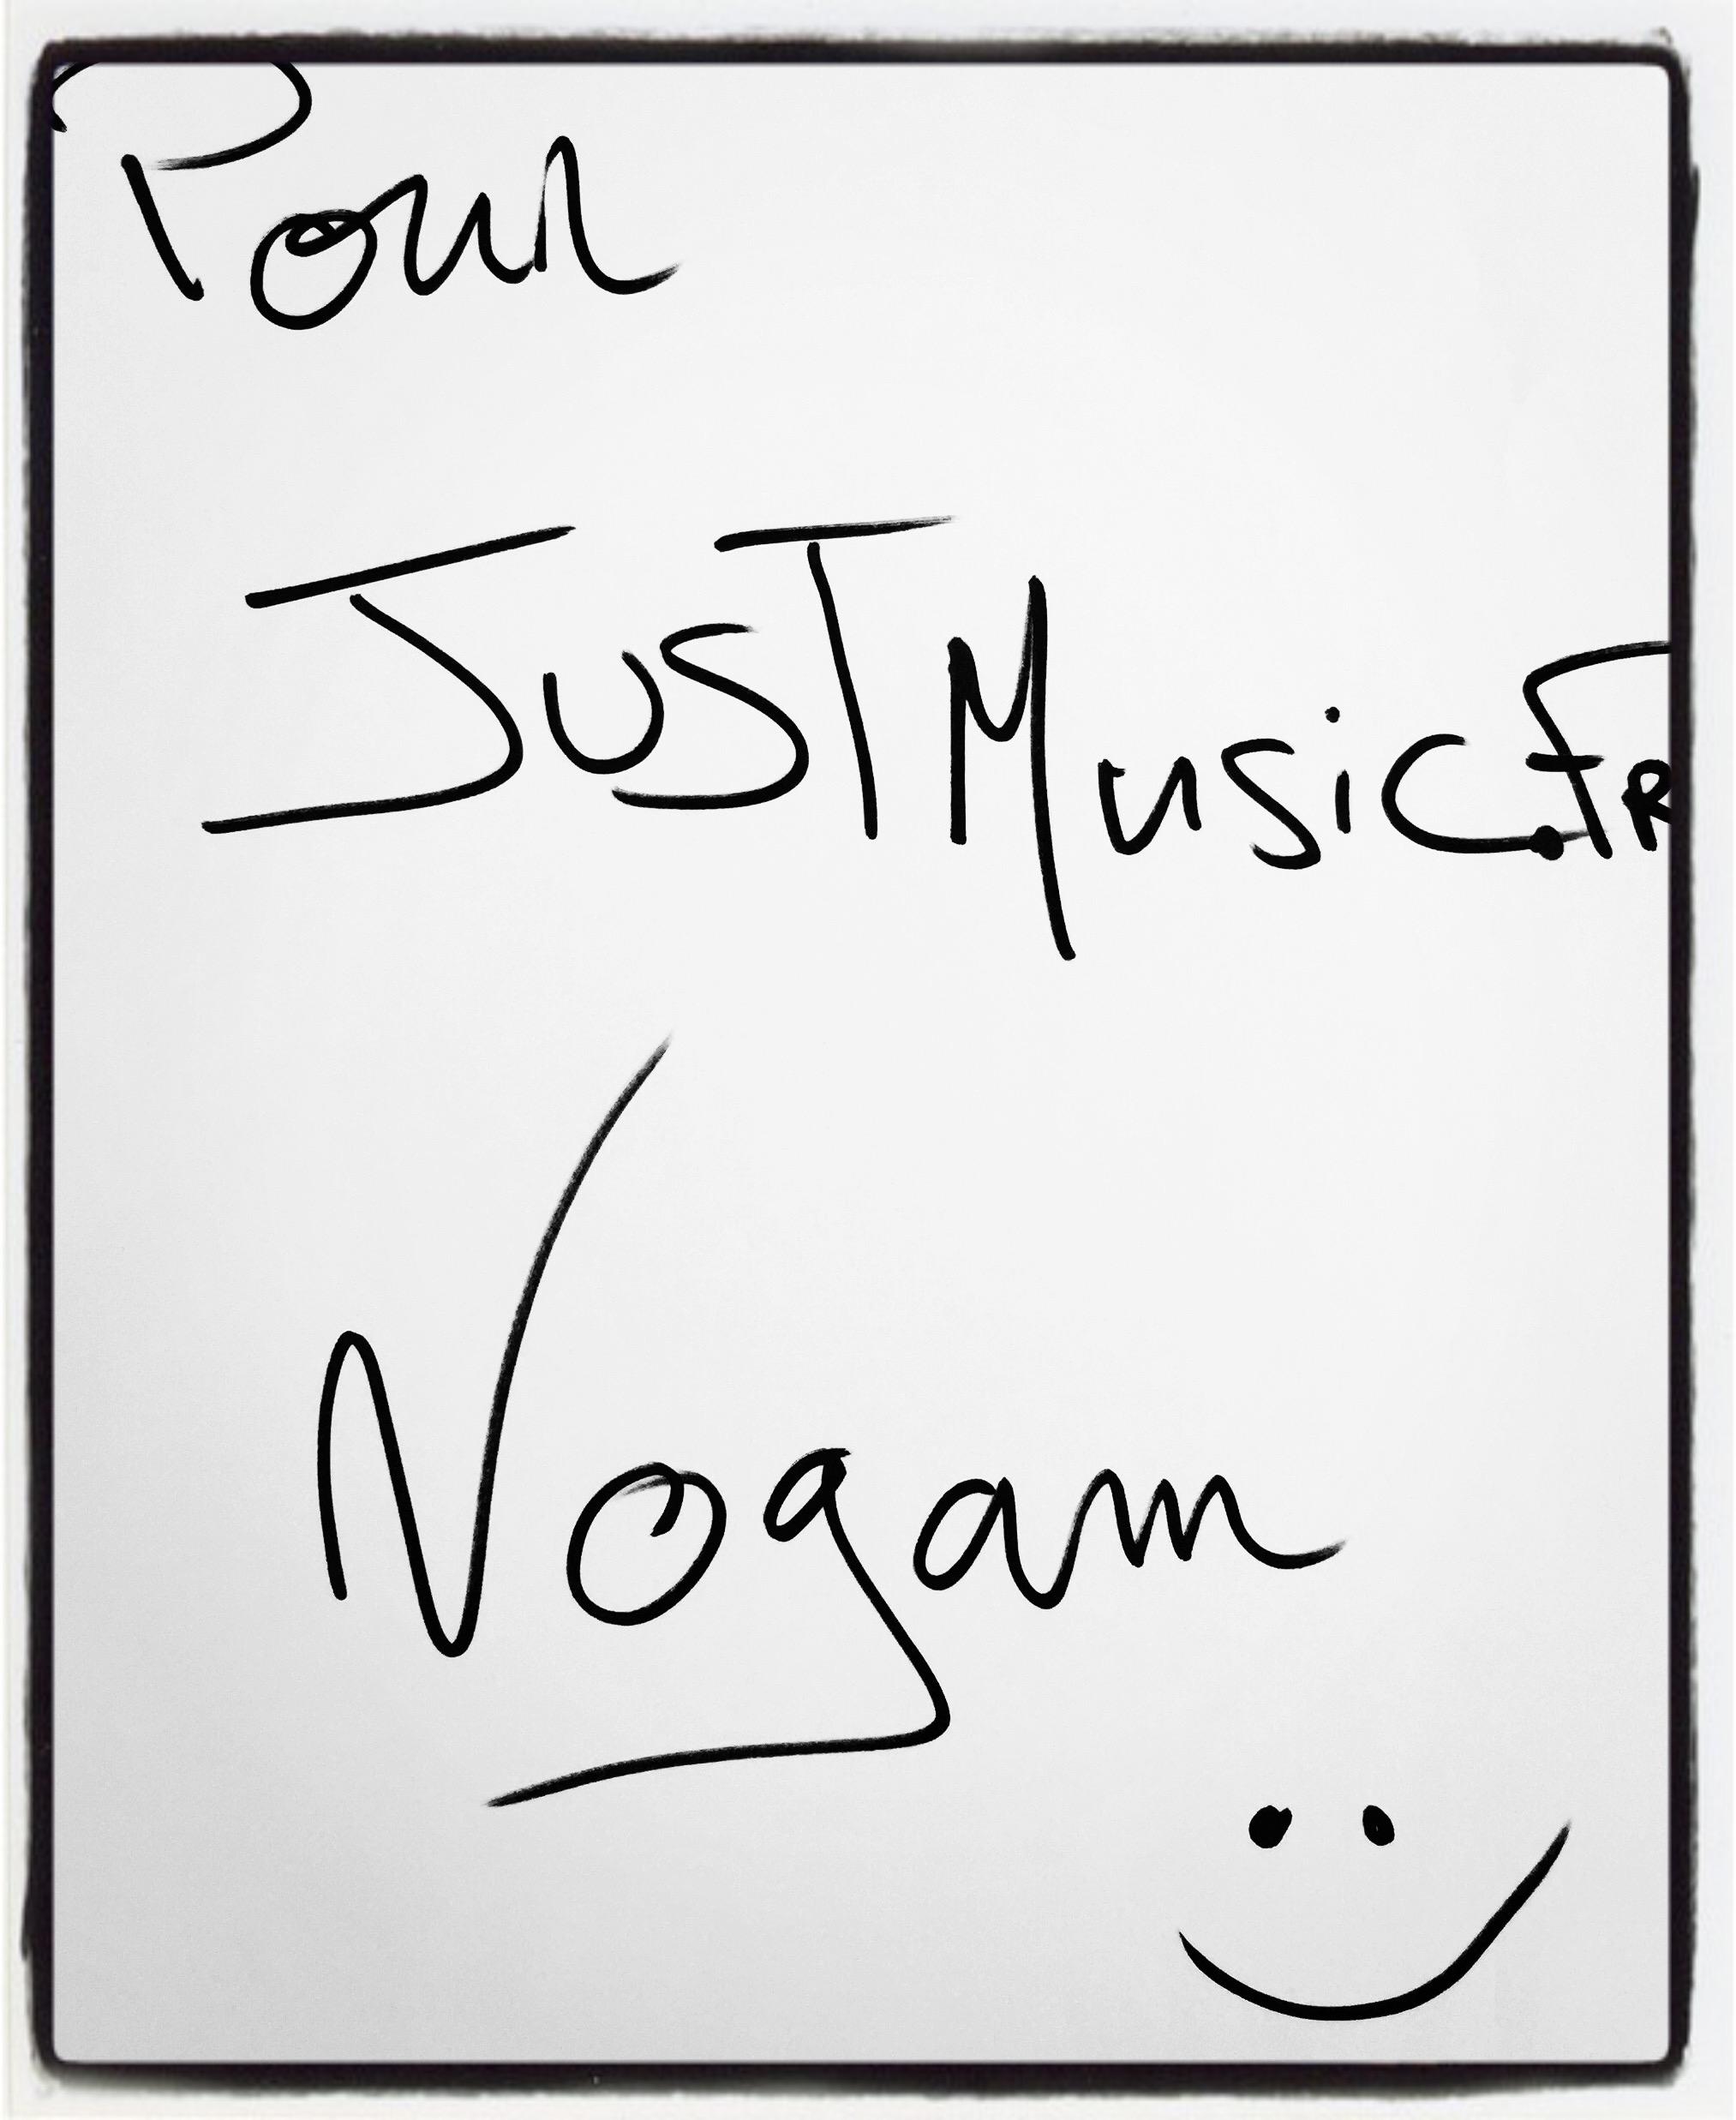 nogam-dedicace-justmusic-fr